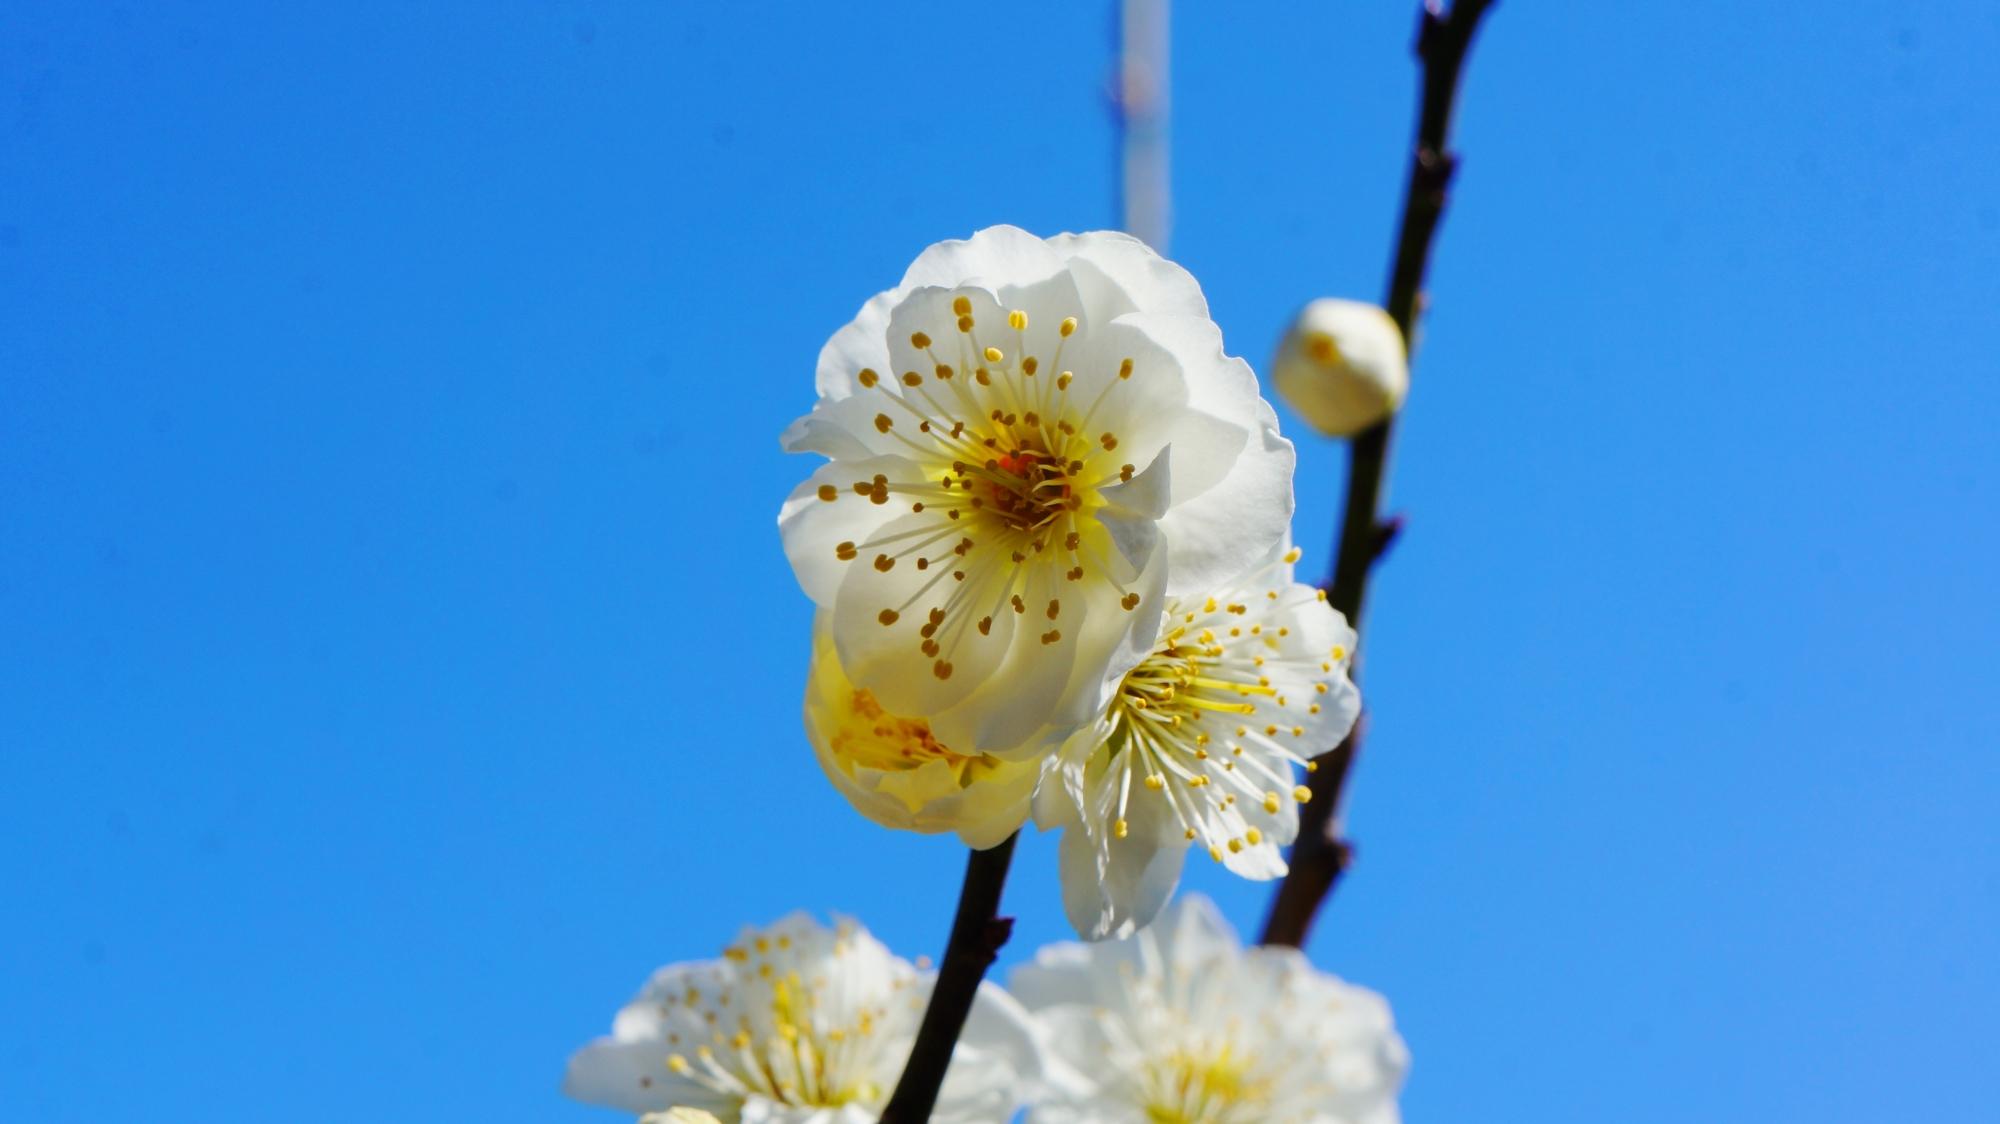 青空に透きとおるような満開の梅の花